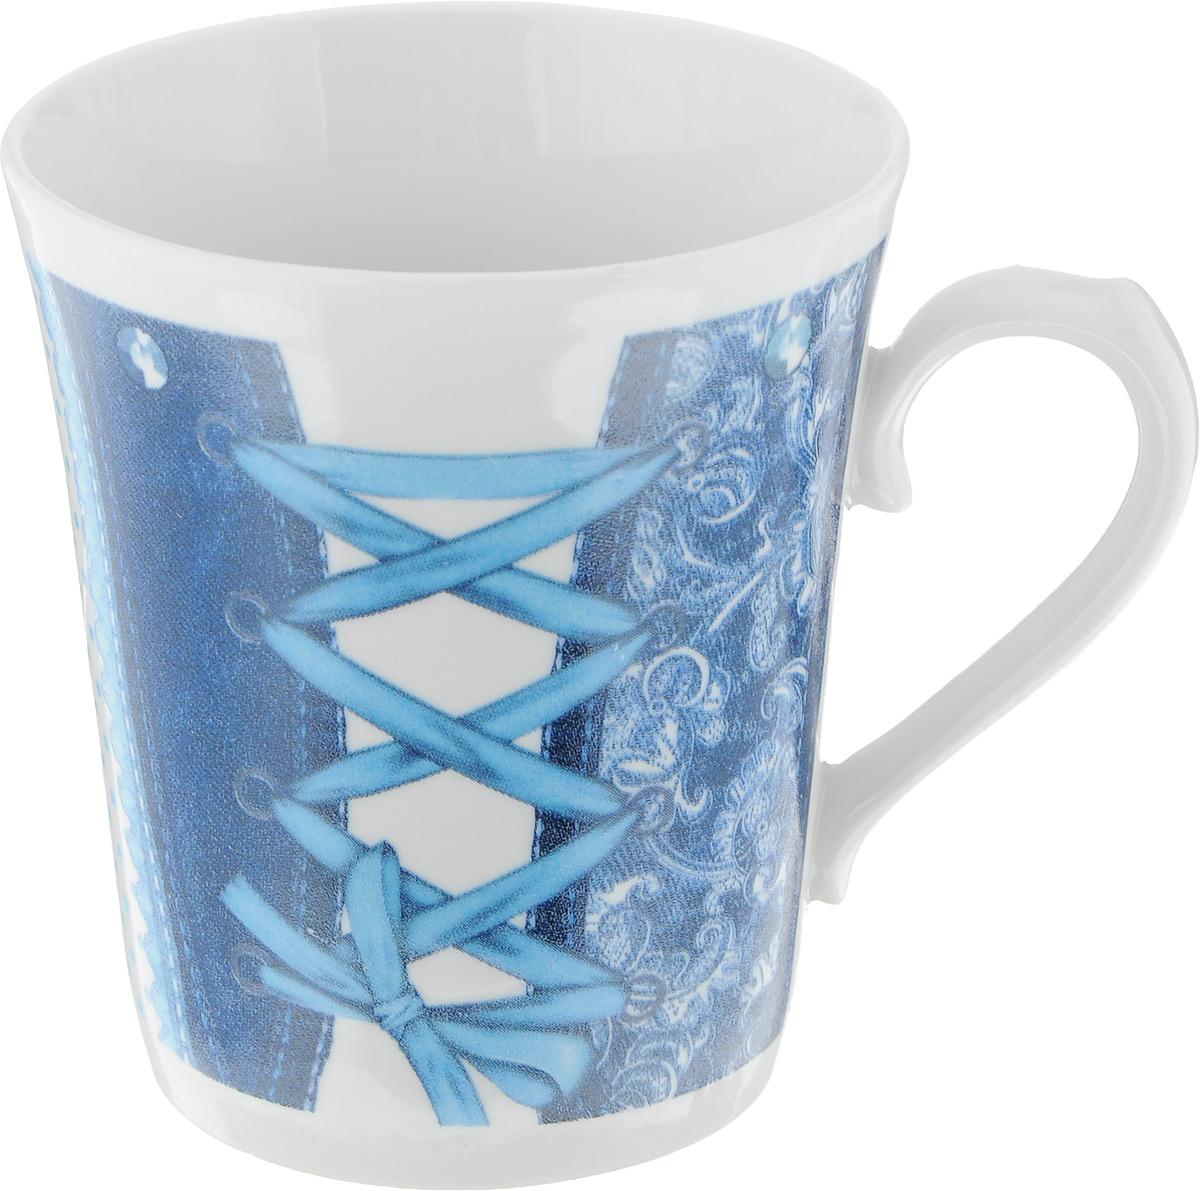 Кружка Фарфор Вербилок Джинс, цвет: белый, синий, голубой, 400 мл54 009312Кружка Фарфор Вербилок Джинс способна украсить любое чаепитие. Изделие выполнено из высококачественного фарфора. Посуда из такого материала позволяет сохранить истинный вкус напитка, а также помогает ему дольше оставаться теплым. Изделие имеет классическую форму ленинградский бокал. Внешние стенки дополнены оригинальным принтом.Диаметр по верхнему краю: 9 см. Высота кружки: 10,5 см.